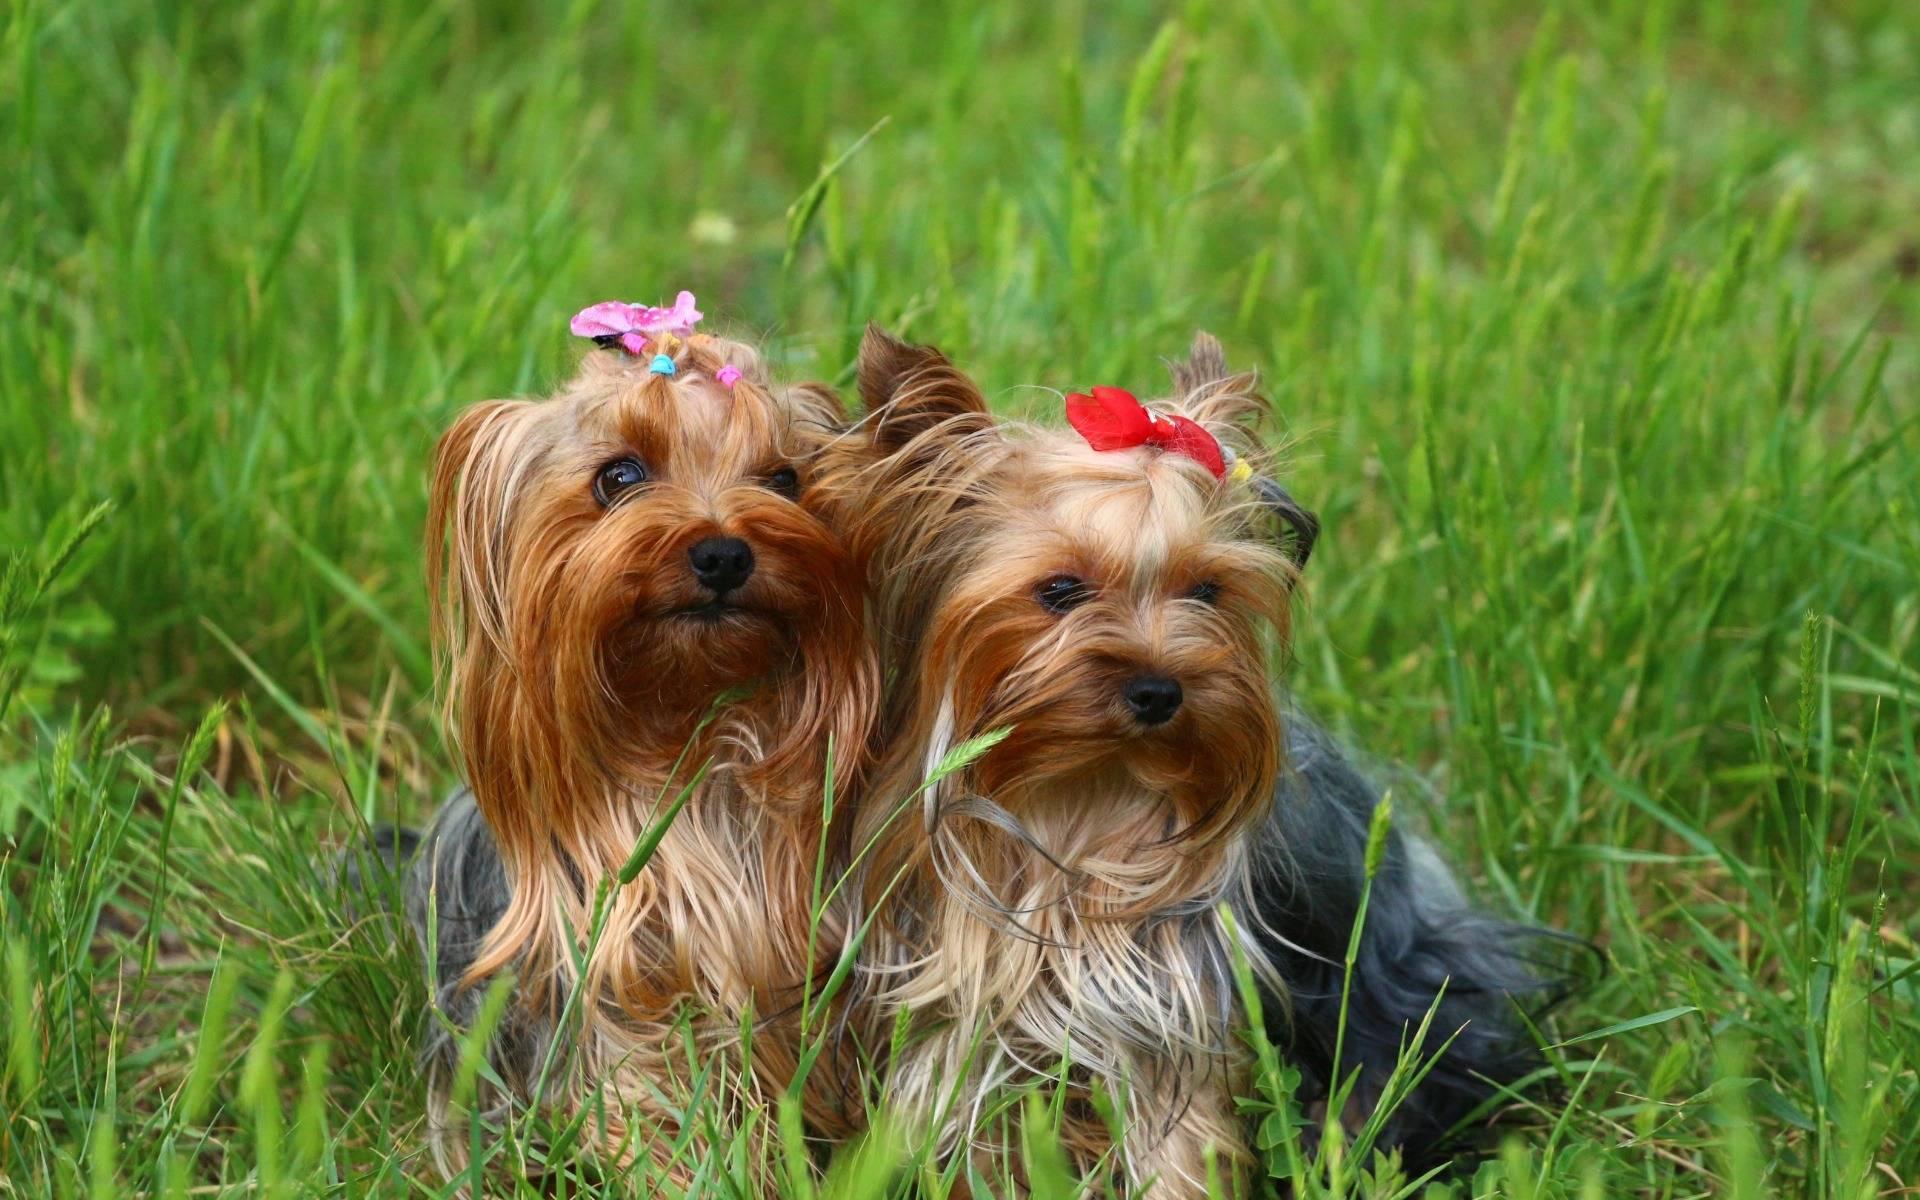 планировал, картинки с собаками йорки кран может быть